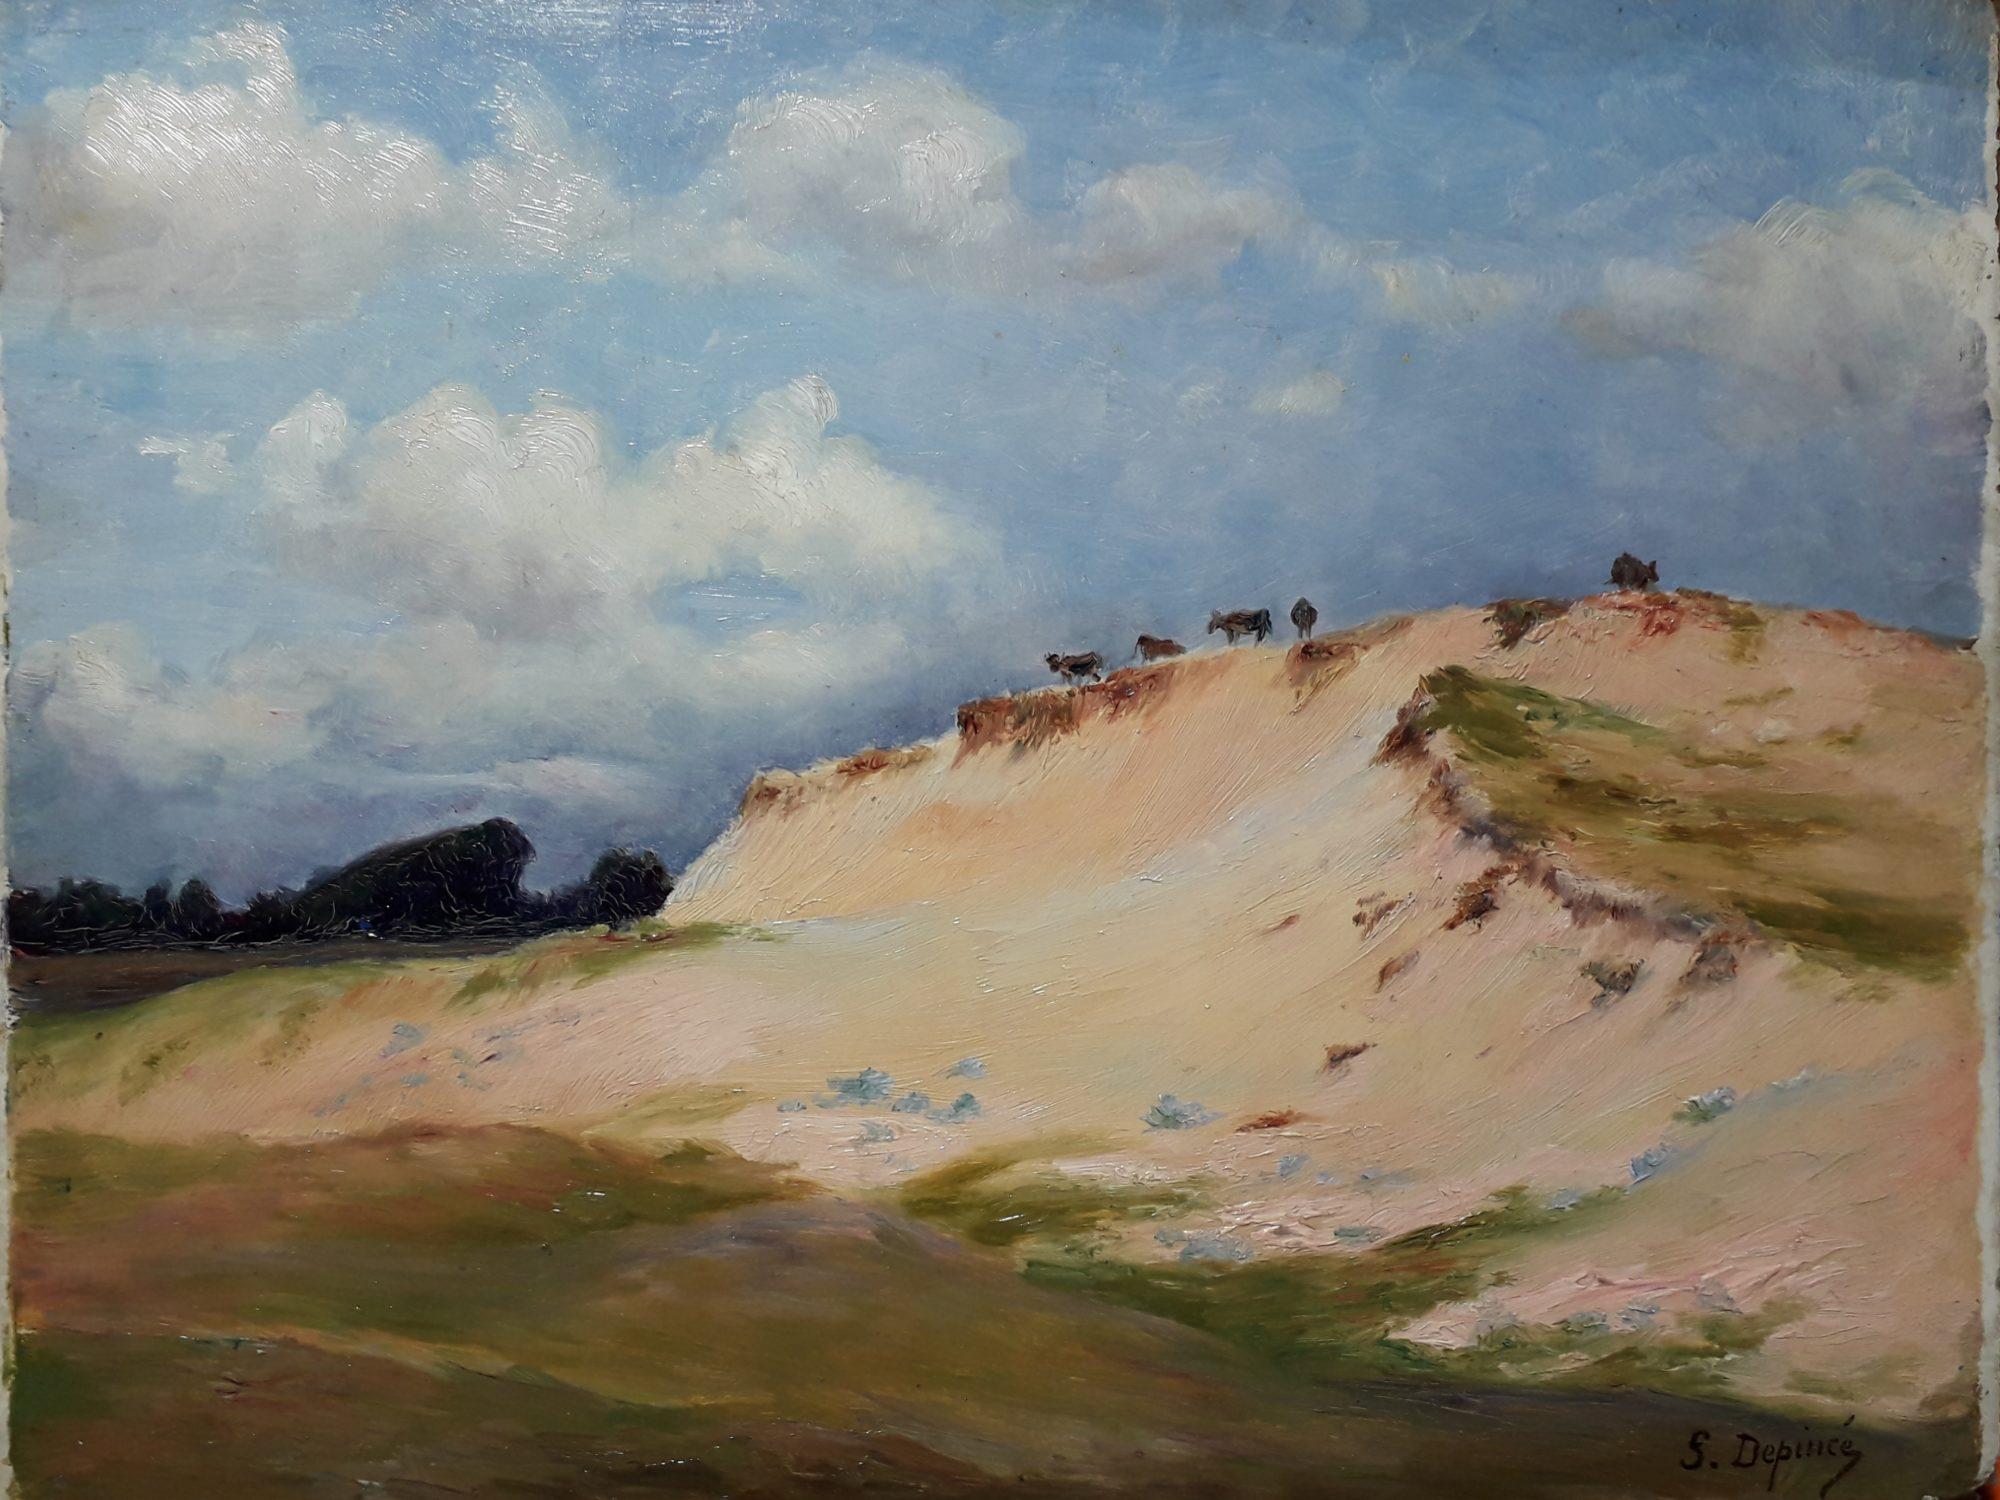 depince suzanne dune du pouldu vaches